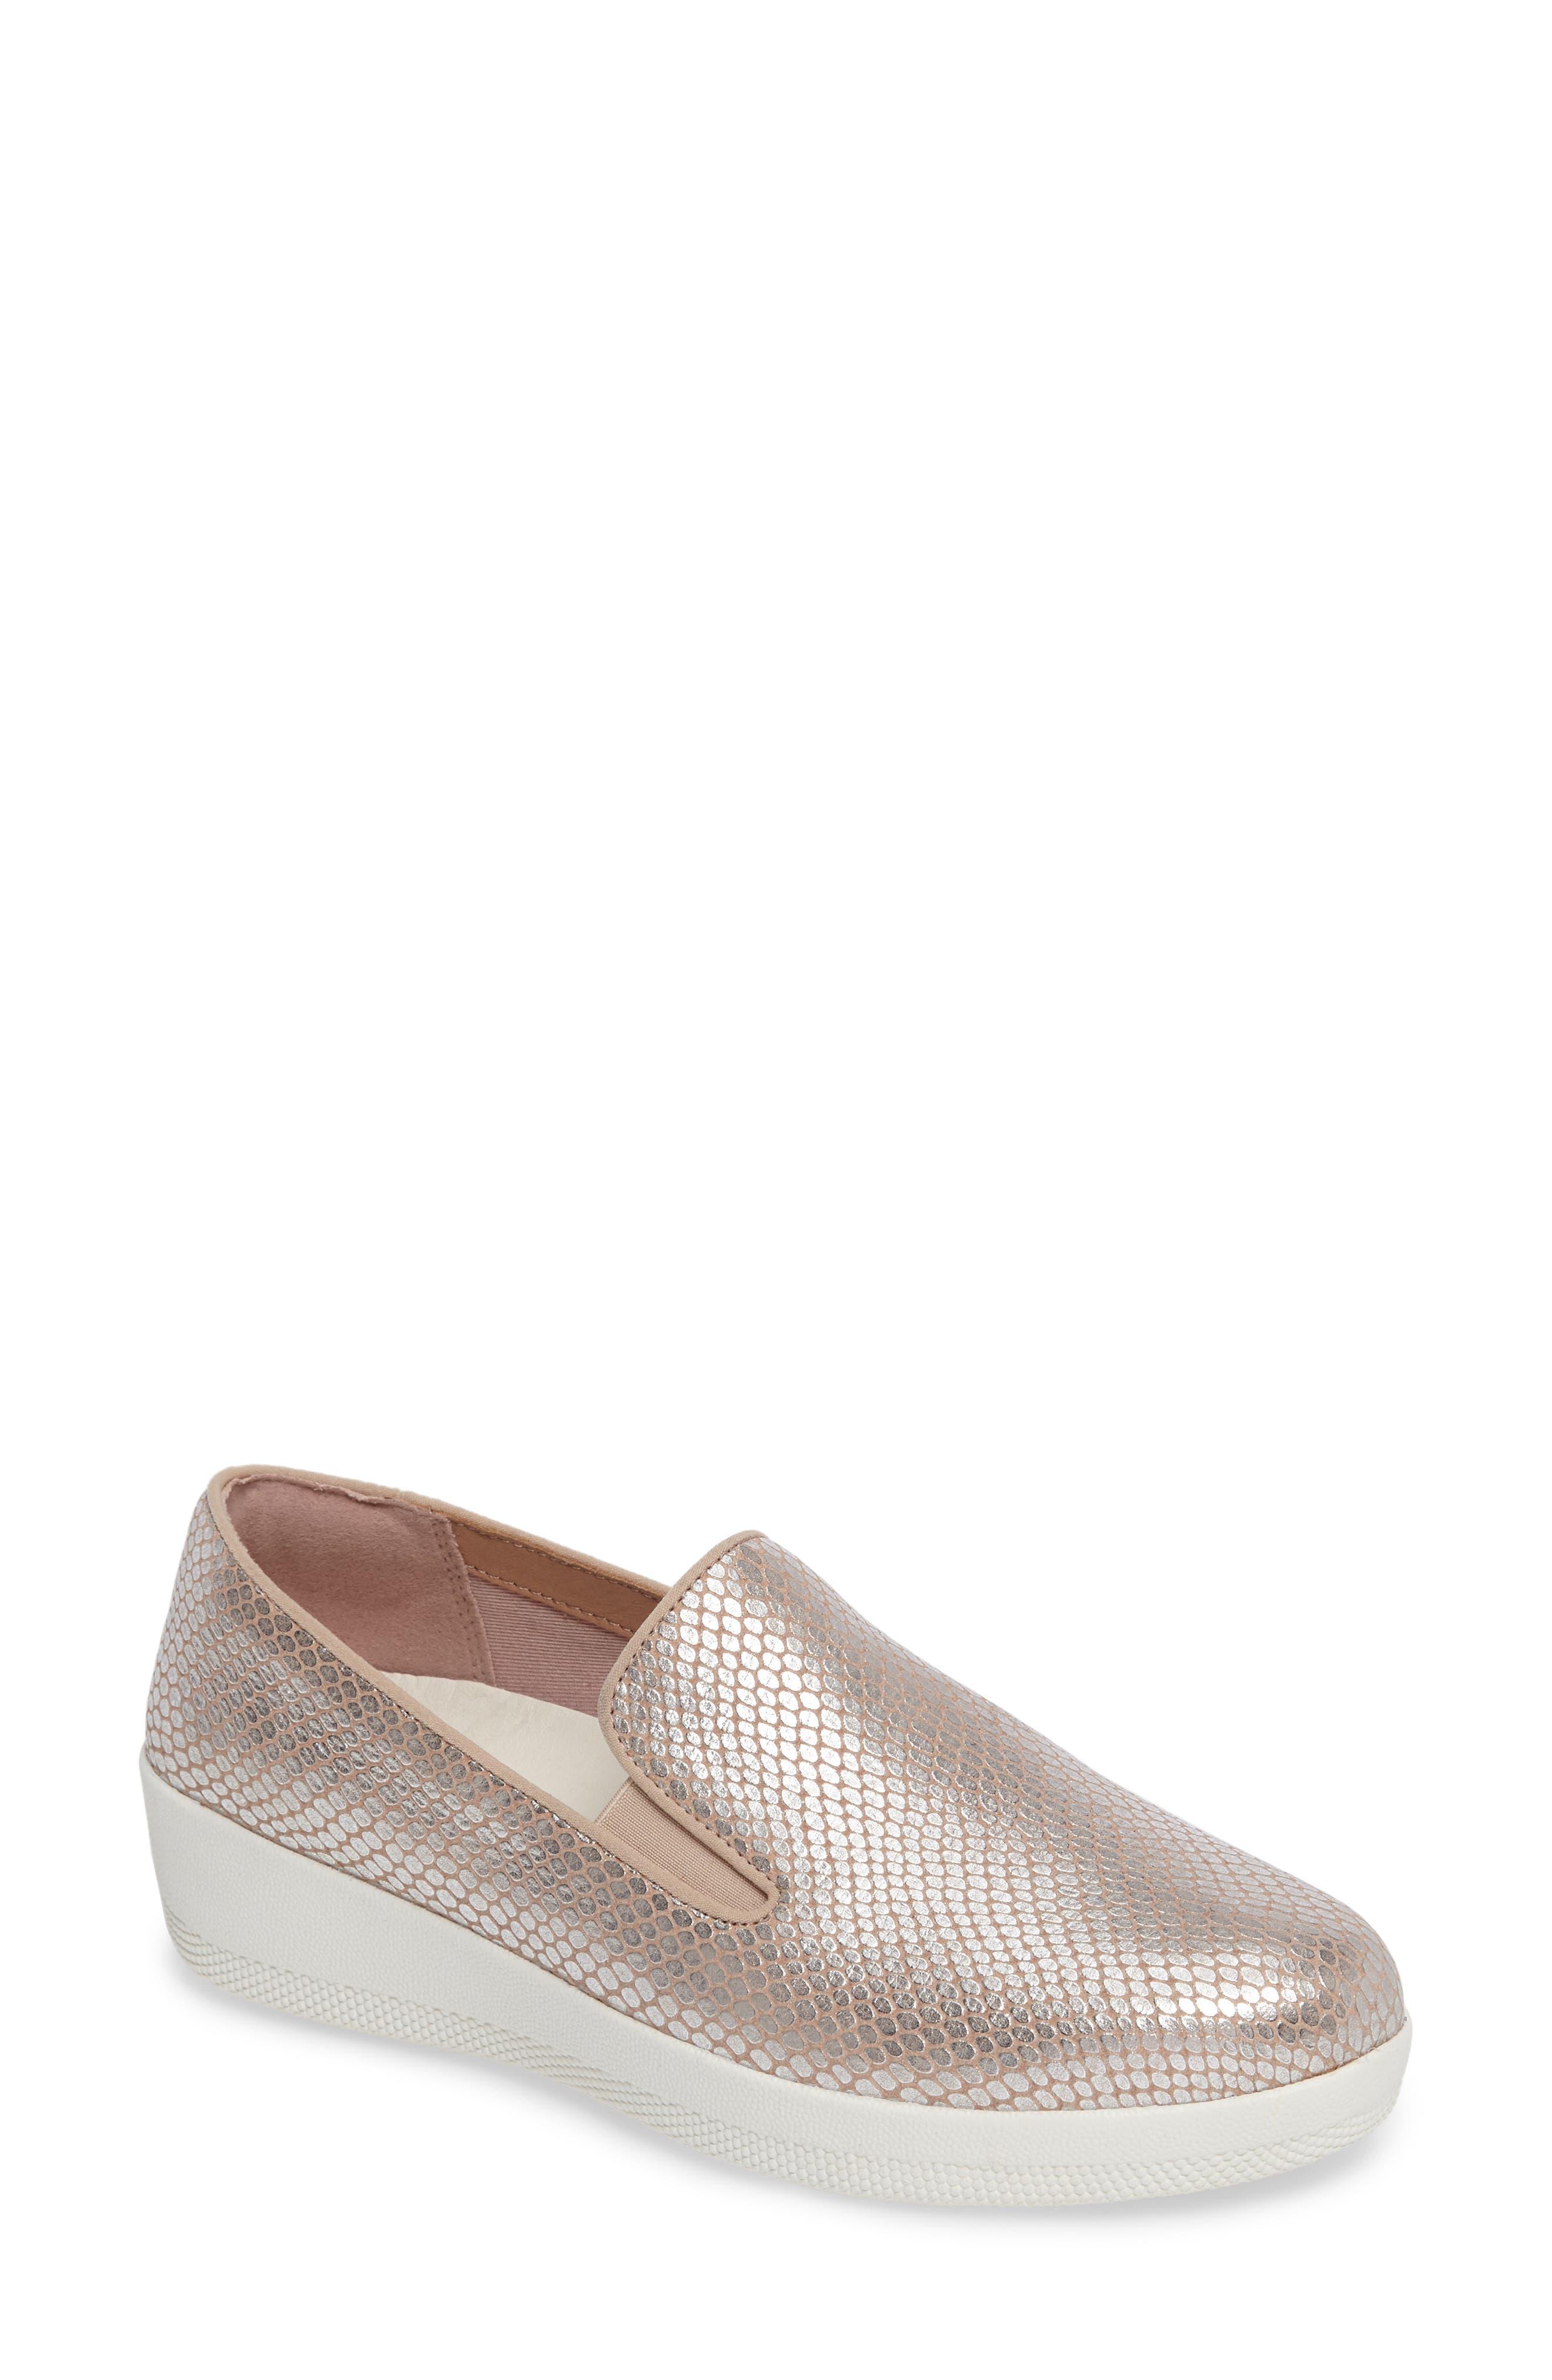 Superskate Slip-On Sneaker,                         Main,                         color, Silver Snake Suede